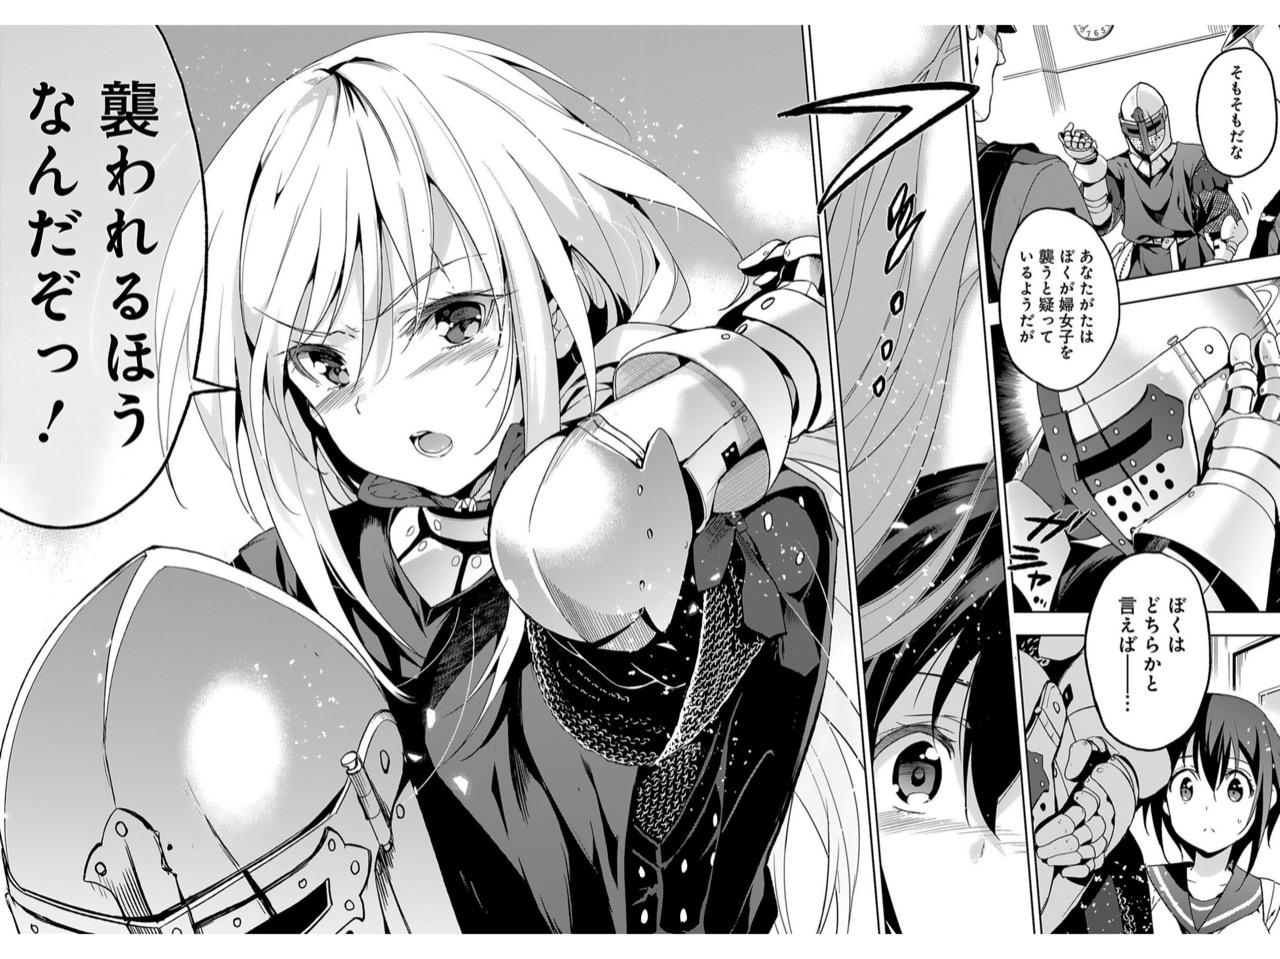 少女騎士団×ナイトテイル1 Kindle版 (犬江 しんすけ)kindleより